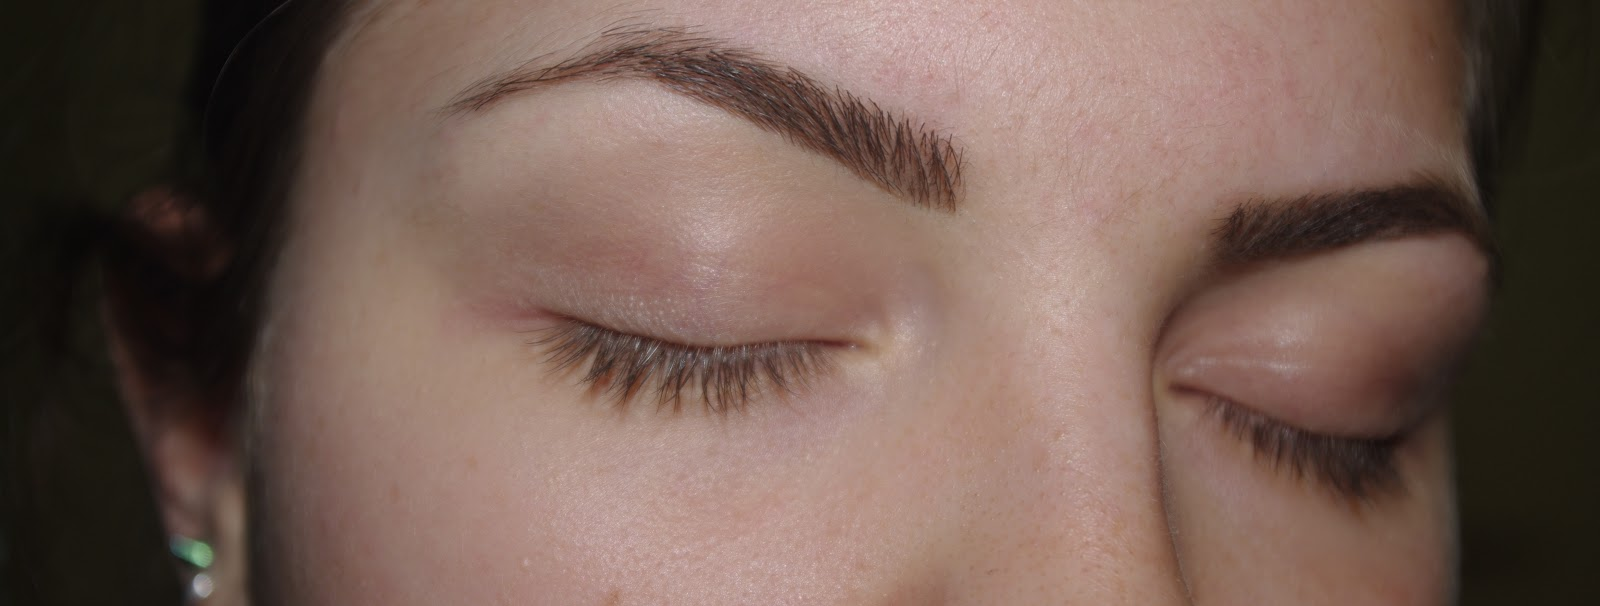 Attraktiv Augen Make Up Schritt Für Schritt Das Beste Von Beginnt Mit Der Lidschattenbasis Eurer Wahl, Die